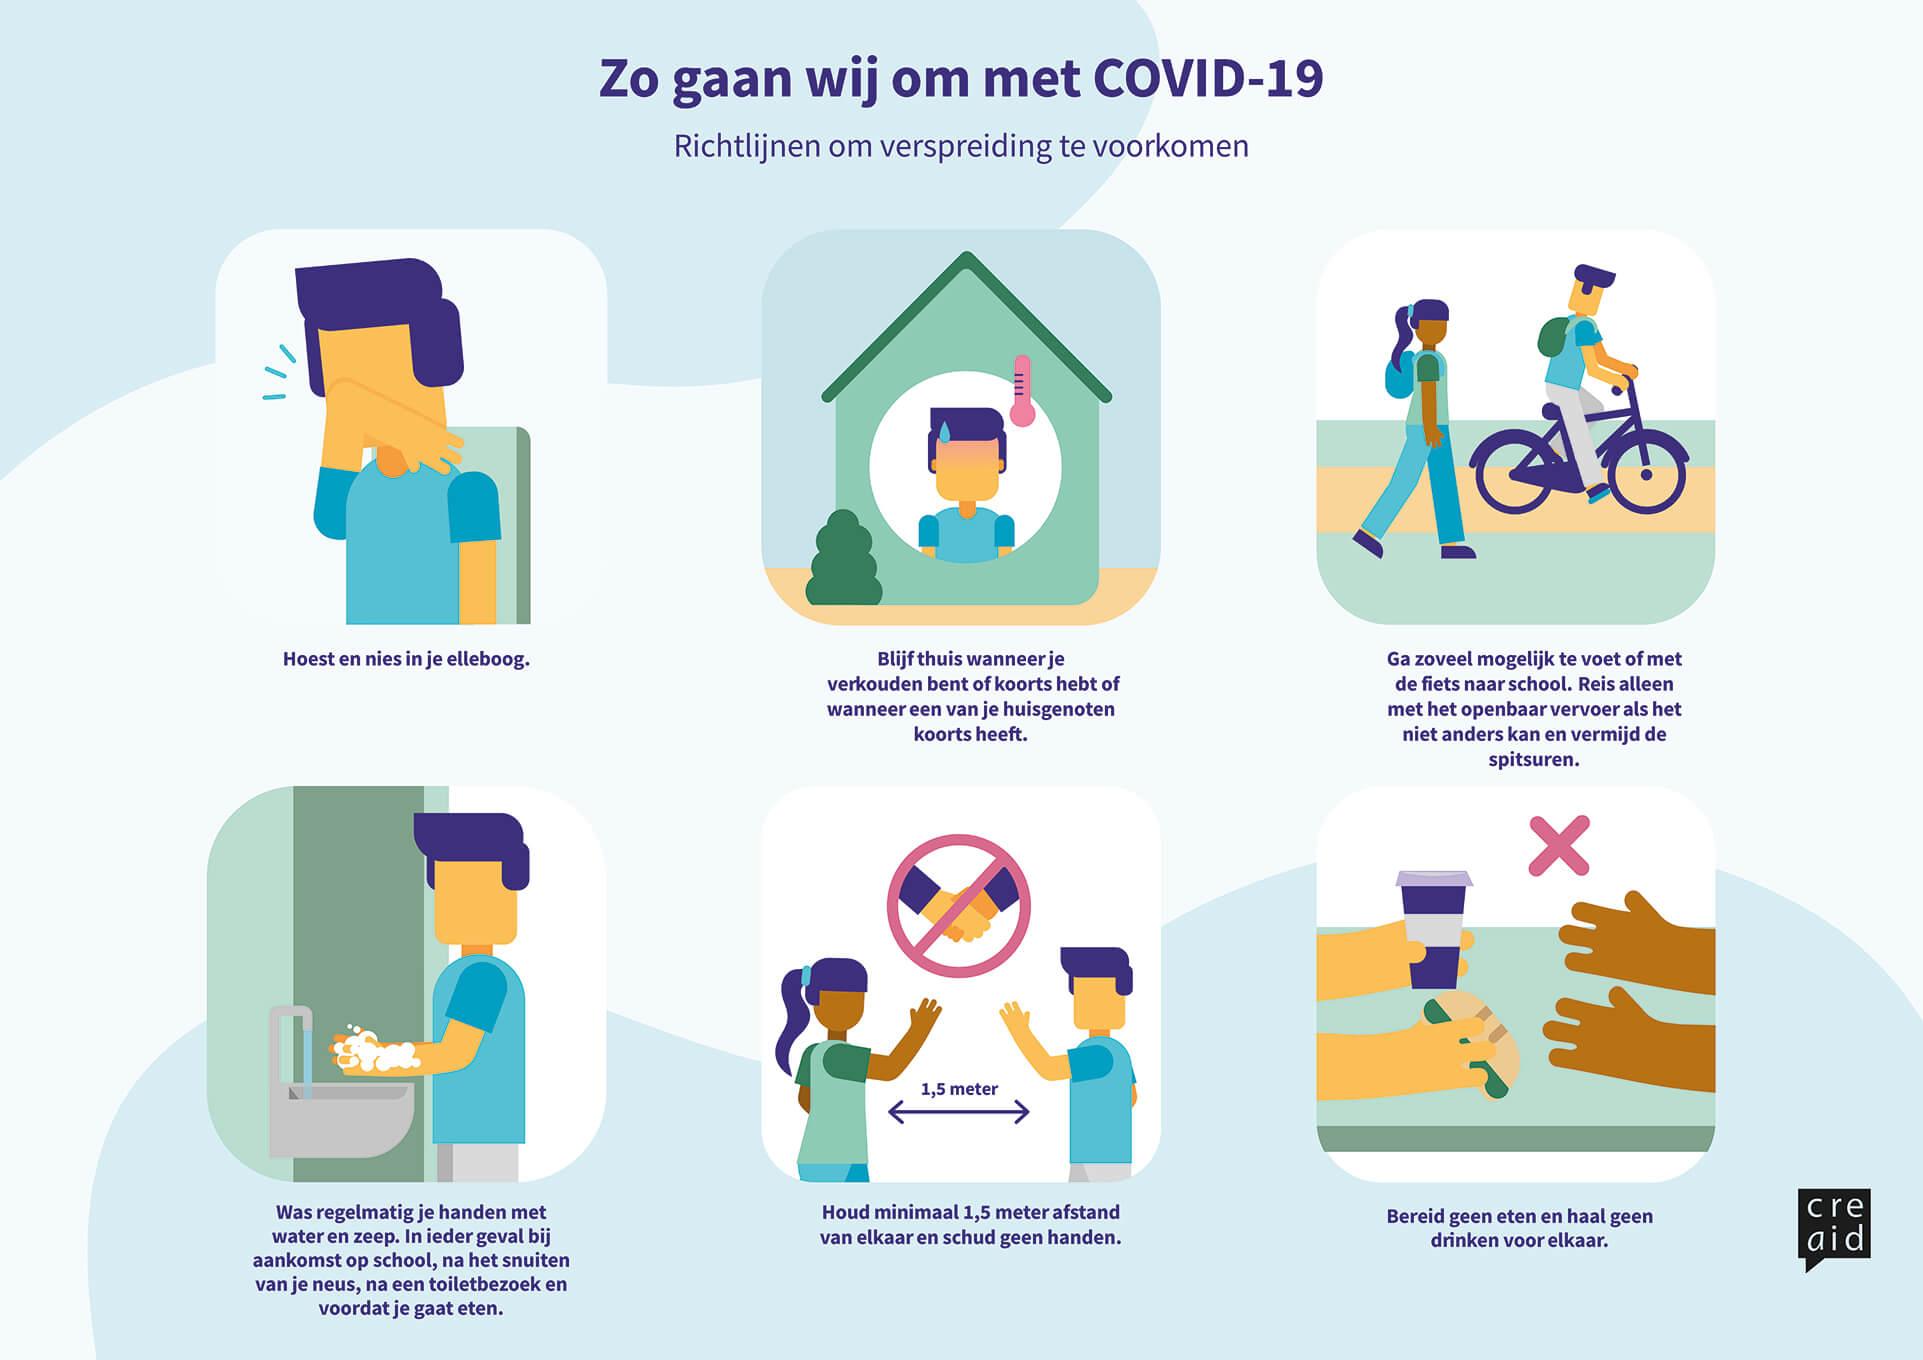 COVID-19 visualisatie